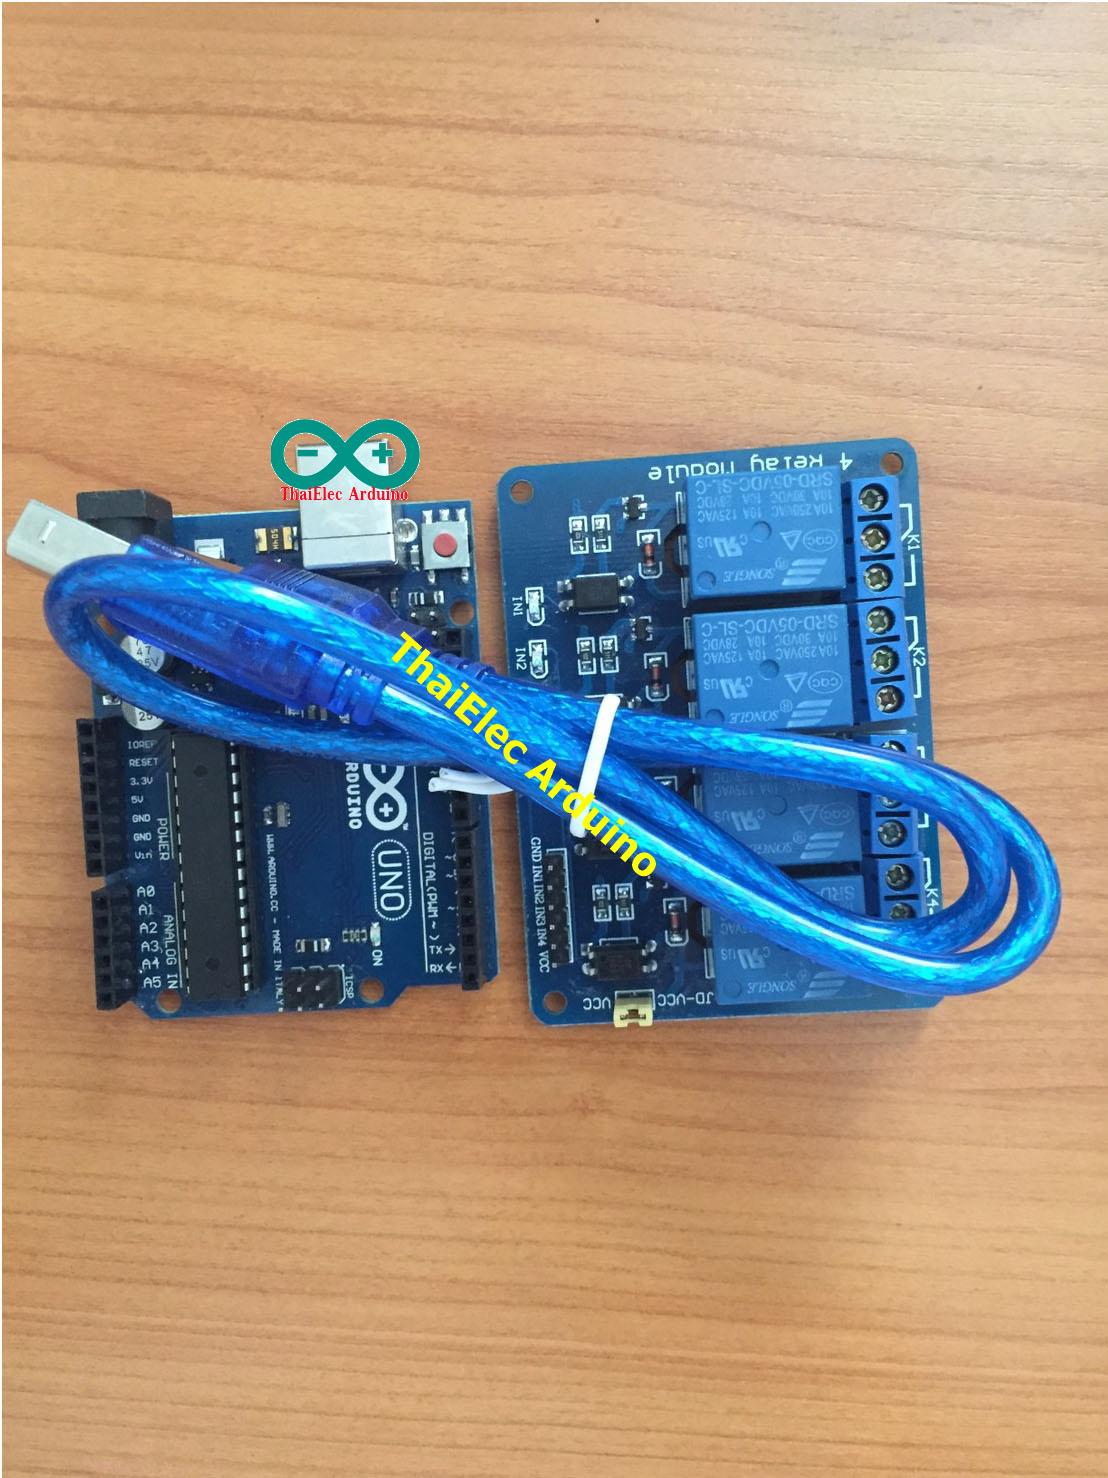 โปรพิเศษลดราคา Arduino Uno R3 แถมสาย USB + RELAY 4 OUT